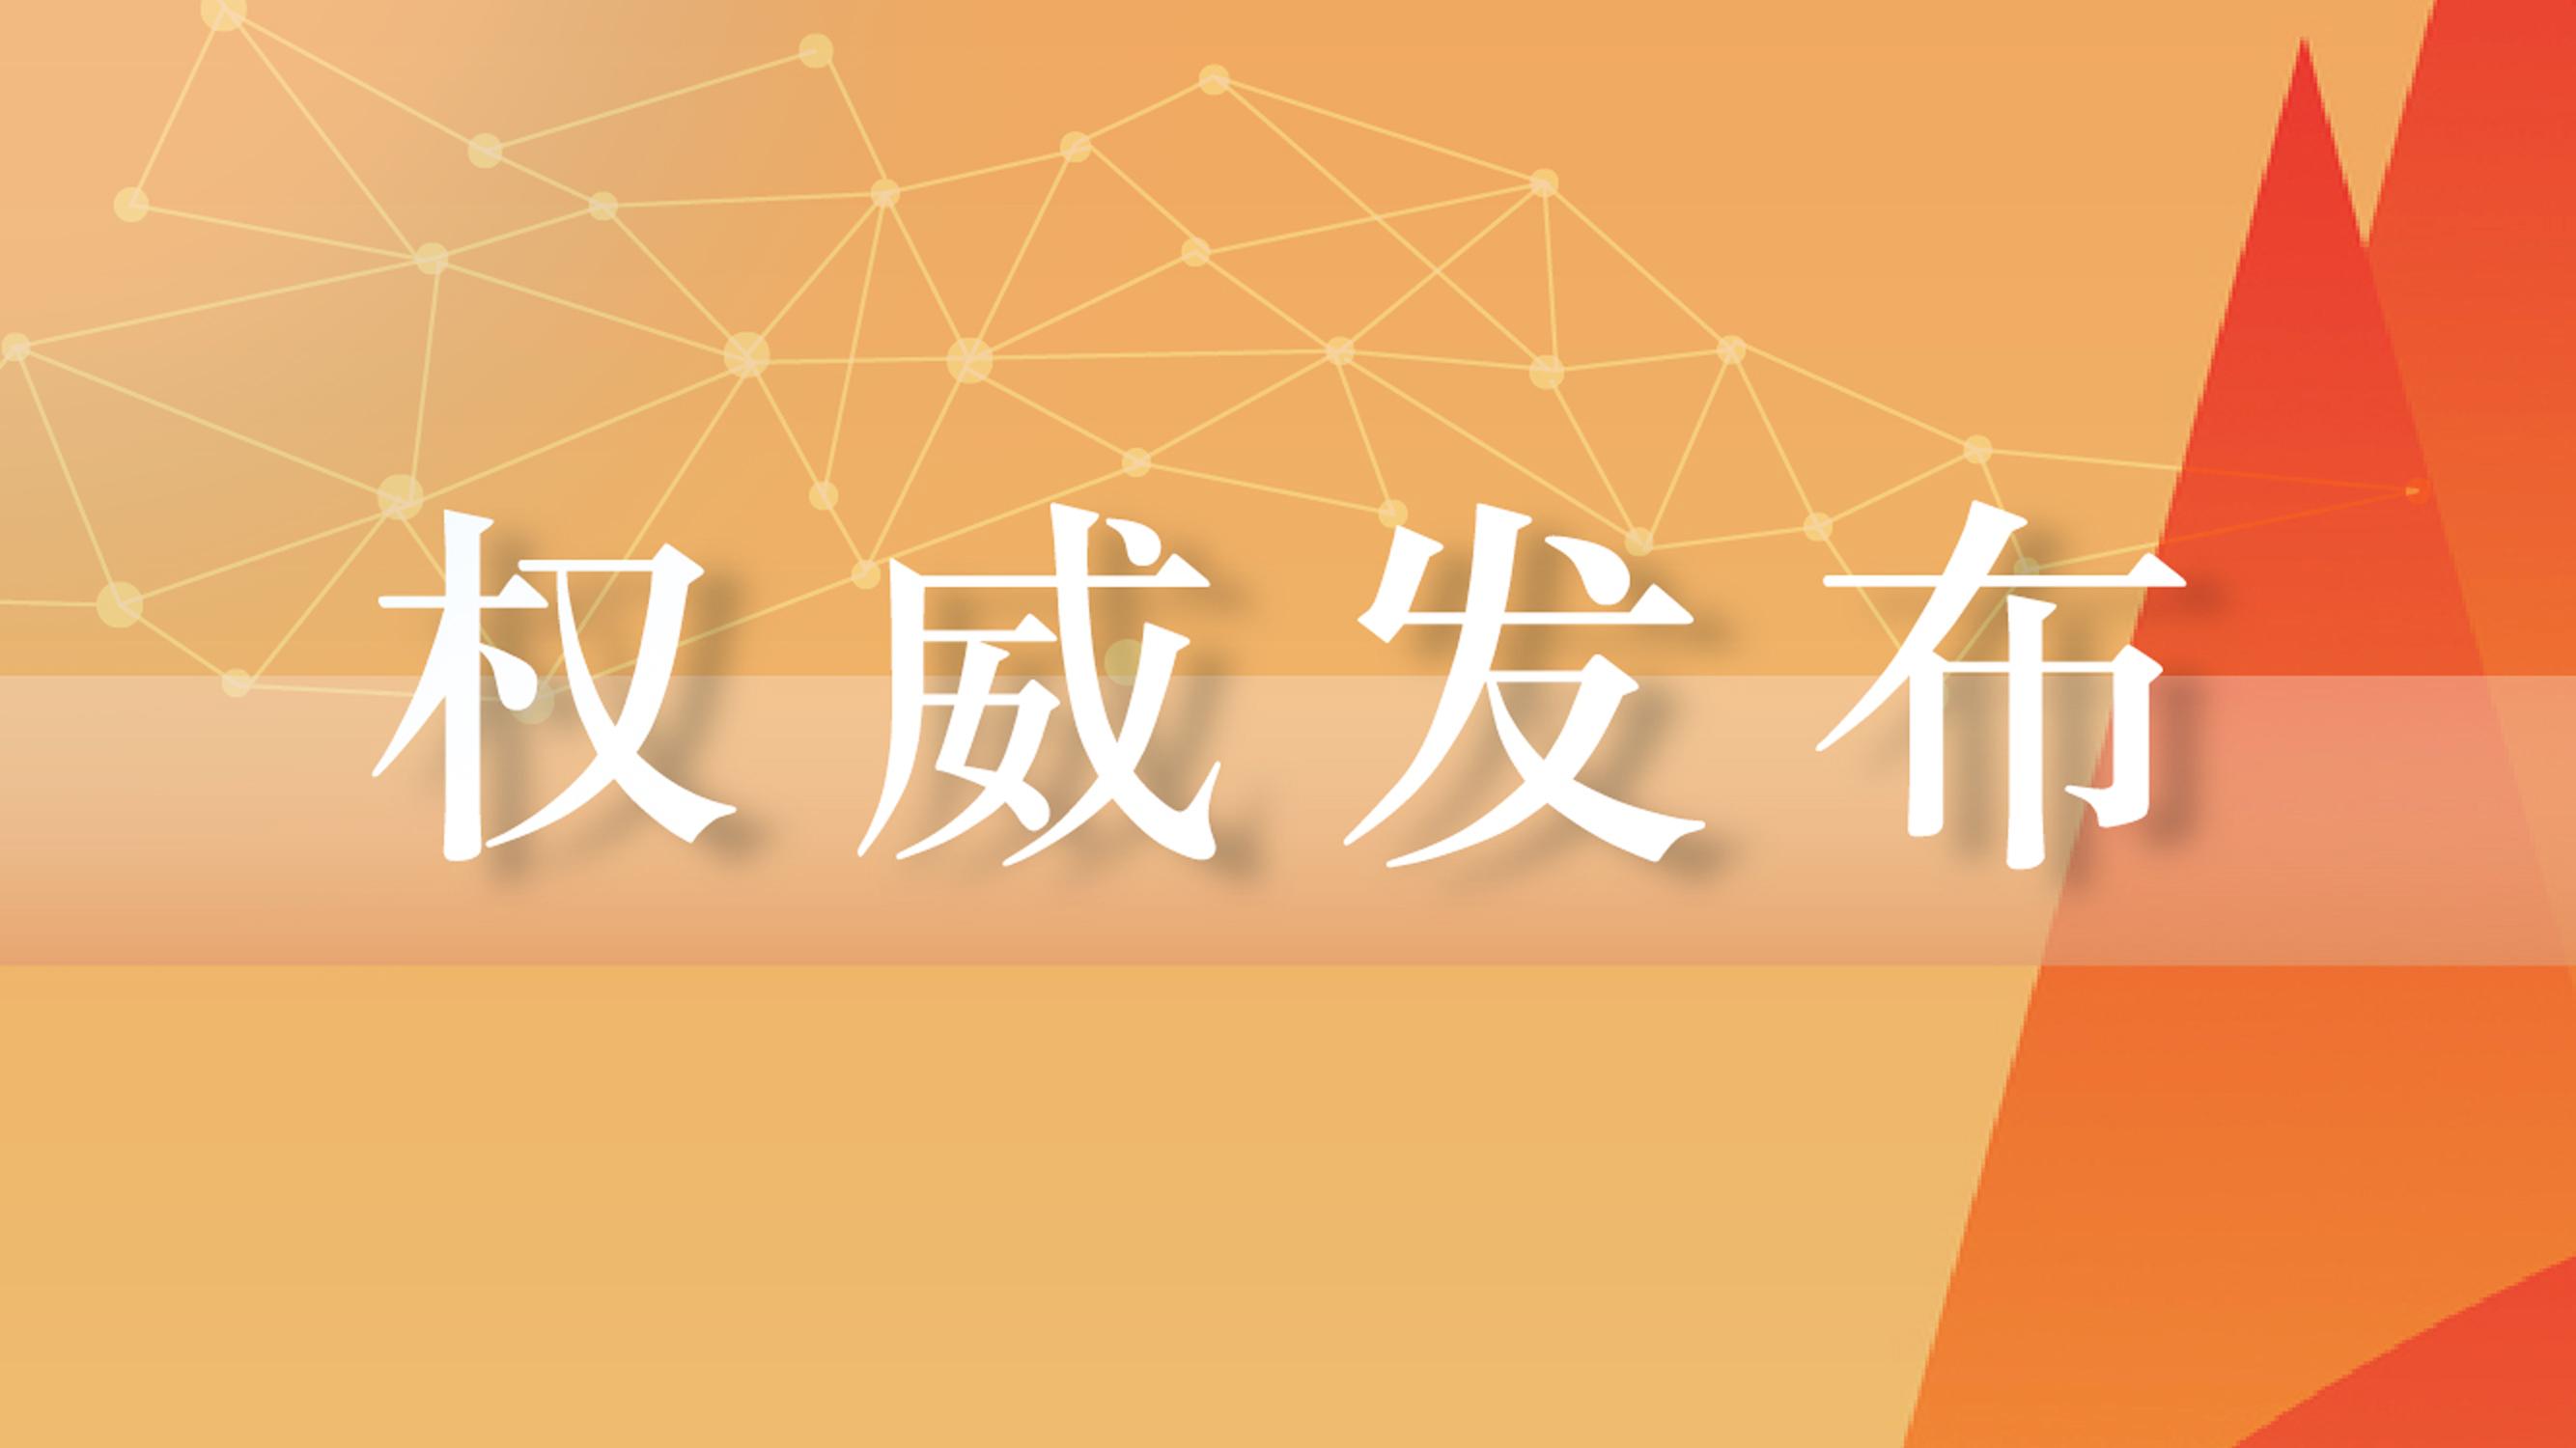 德阳市公安局调研员武斌 接受纪律审查和监察调查